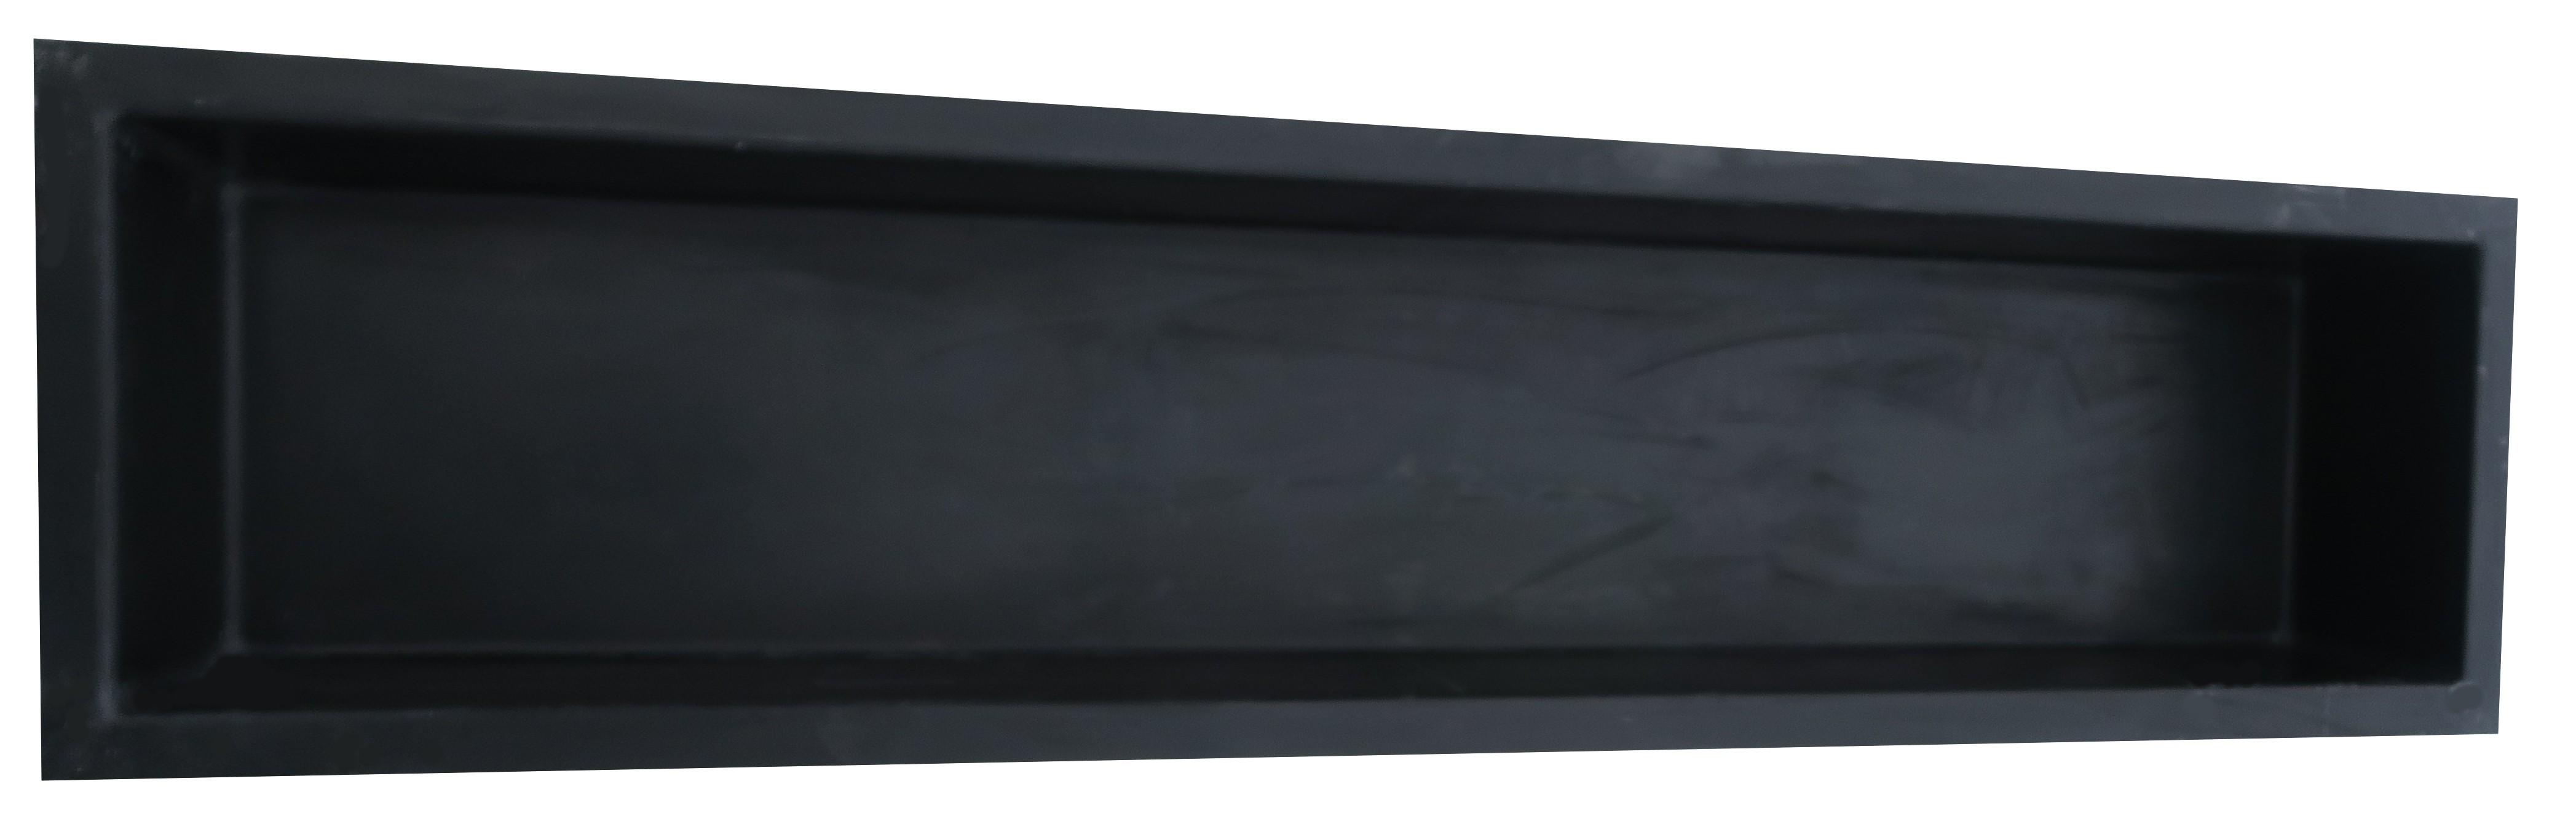 NEUHEIT: GFK-Rechteckbecken E280 280*70*35cm 500 Liter